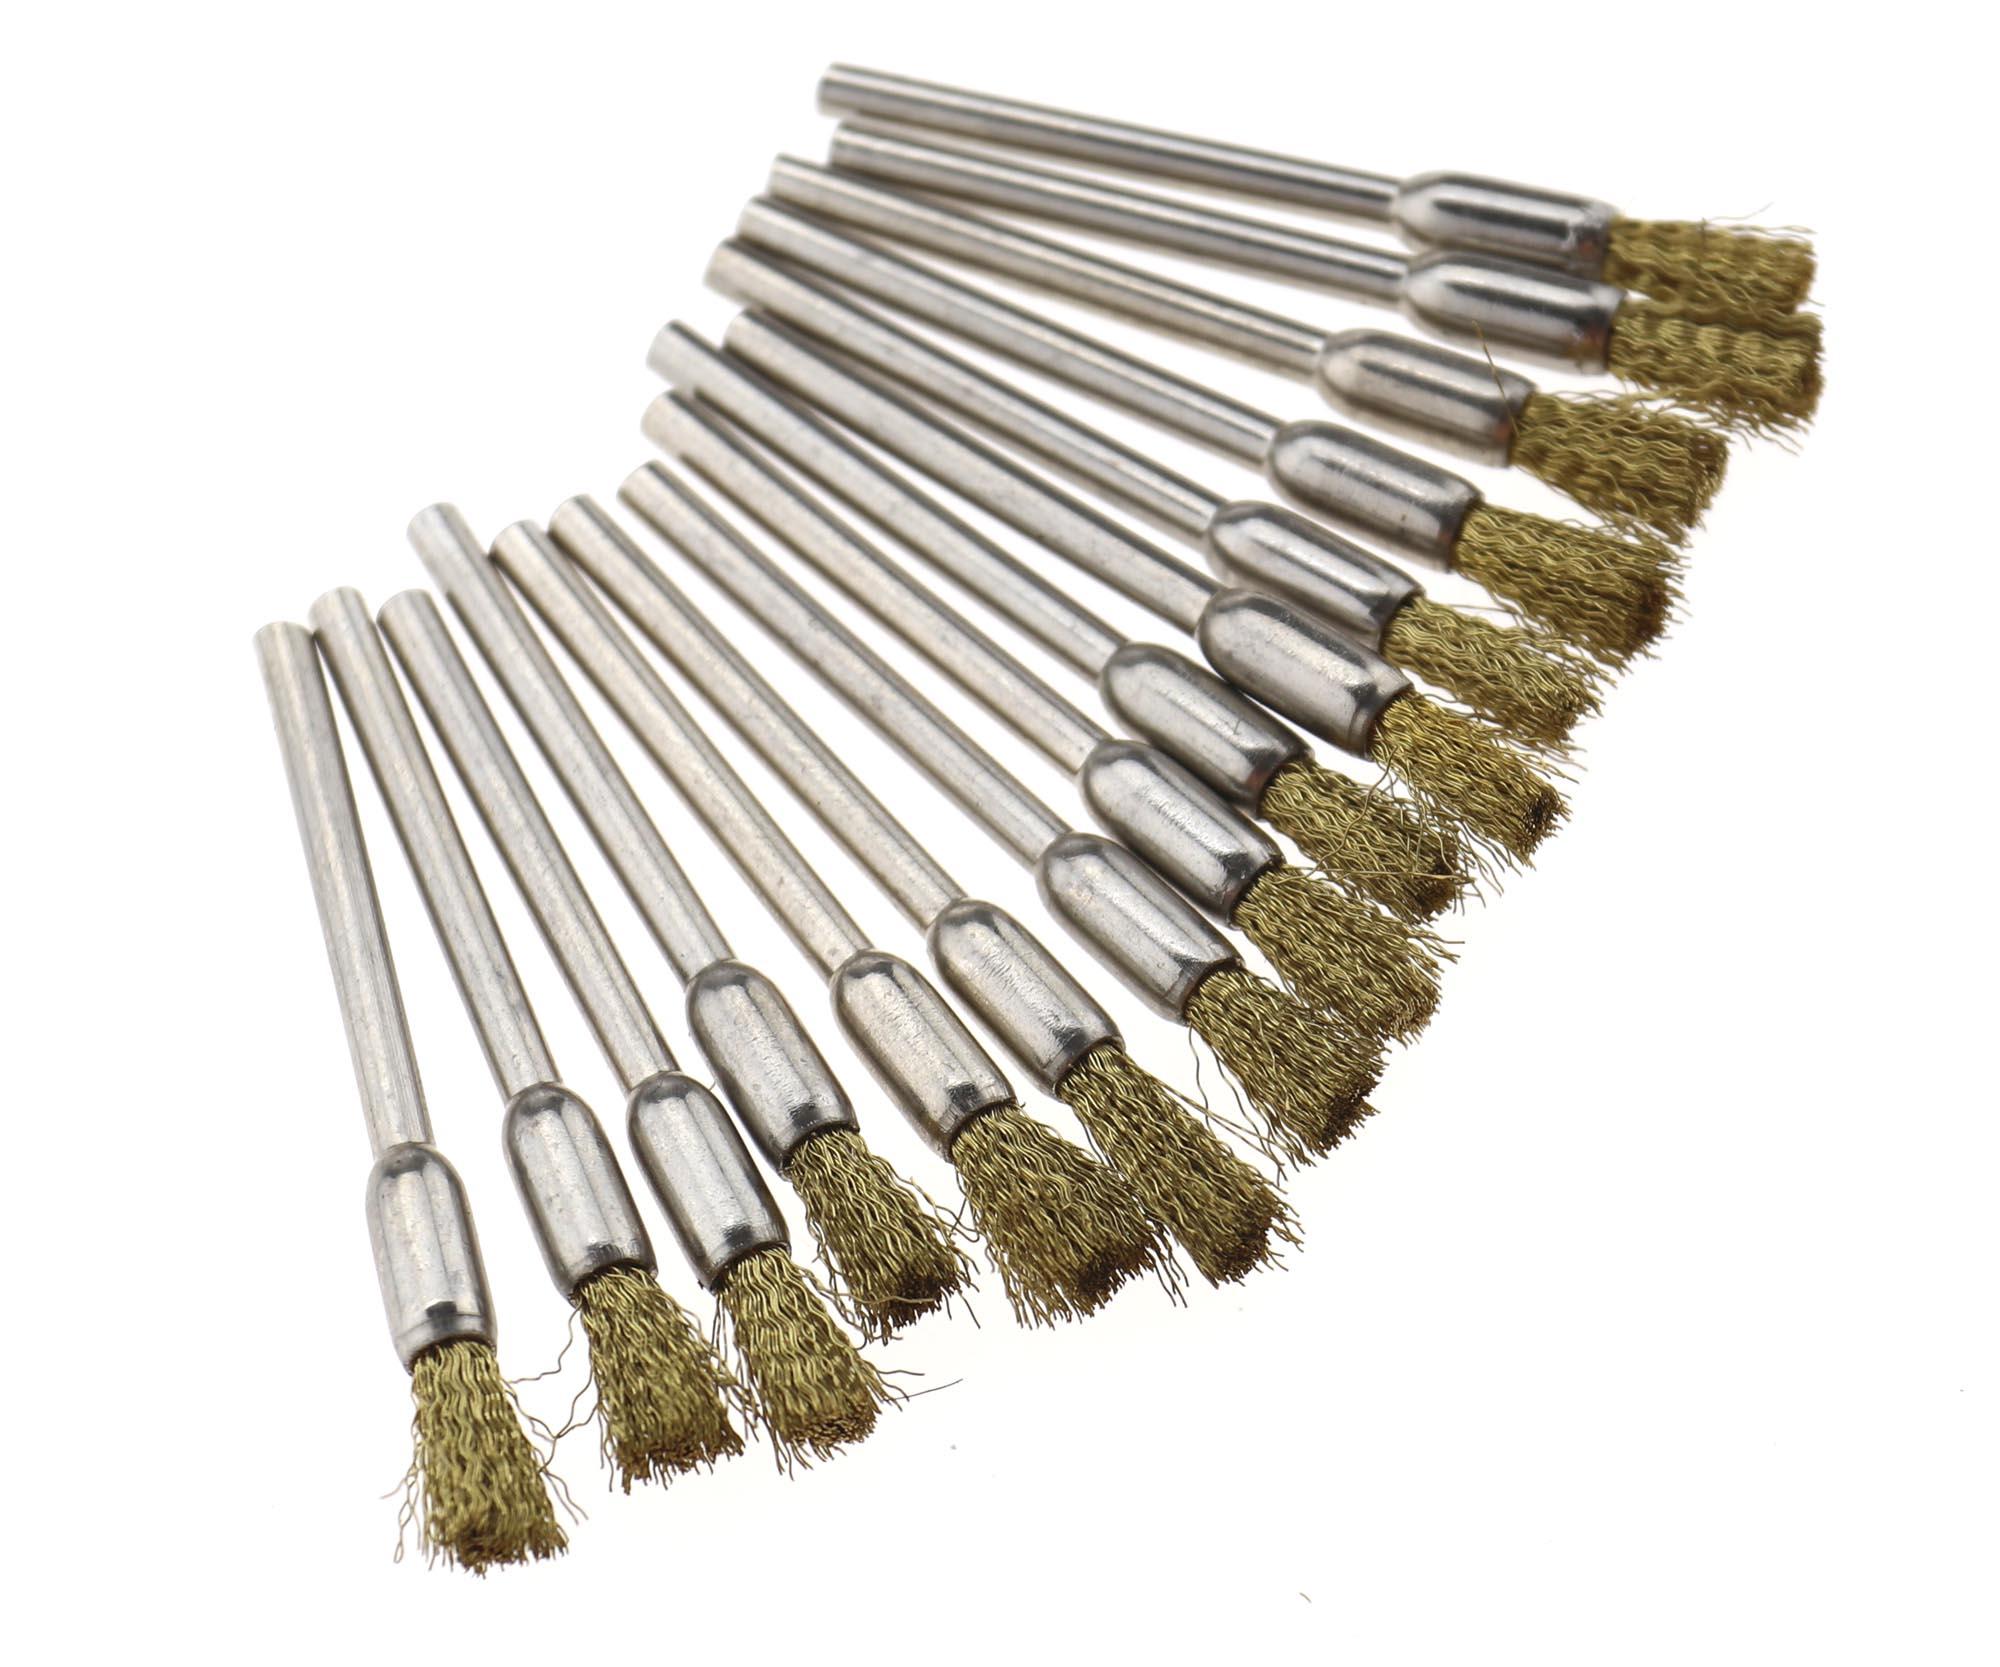 45er 40mm Stahl Messingdraht-Bürste Textil-Polierscheiben Polierwerkzeuge